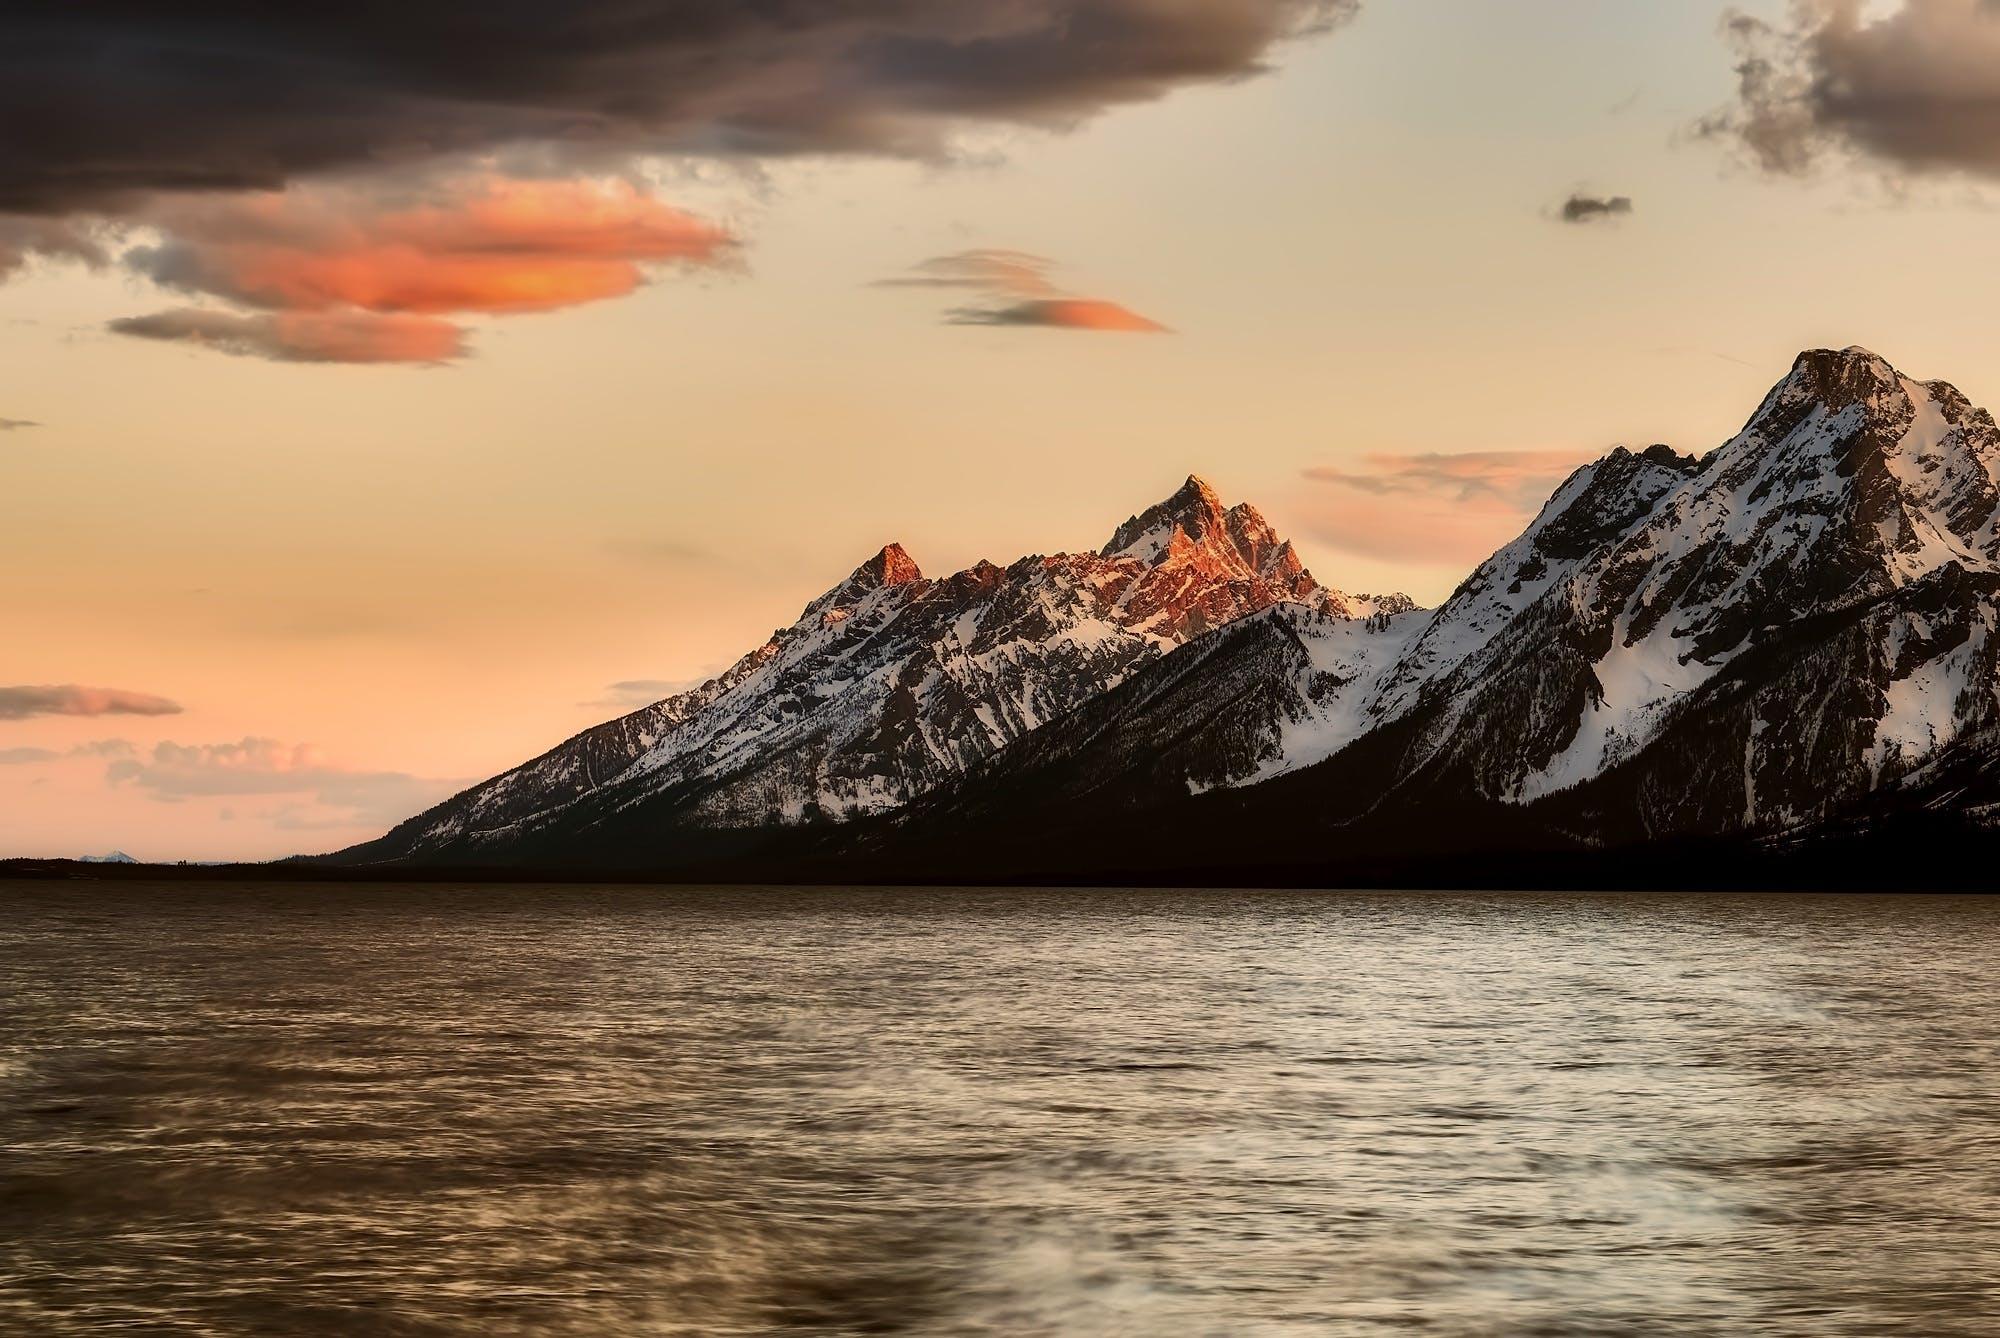 Kostenloses Stock Foto zu schnee, meer, landschaft, berge